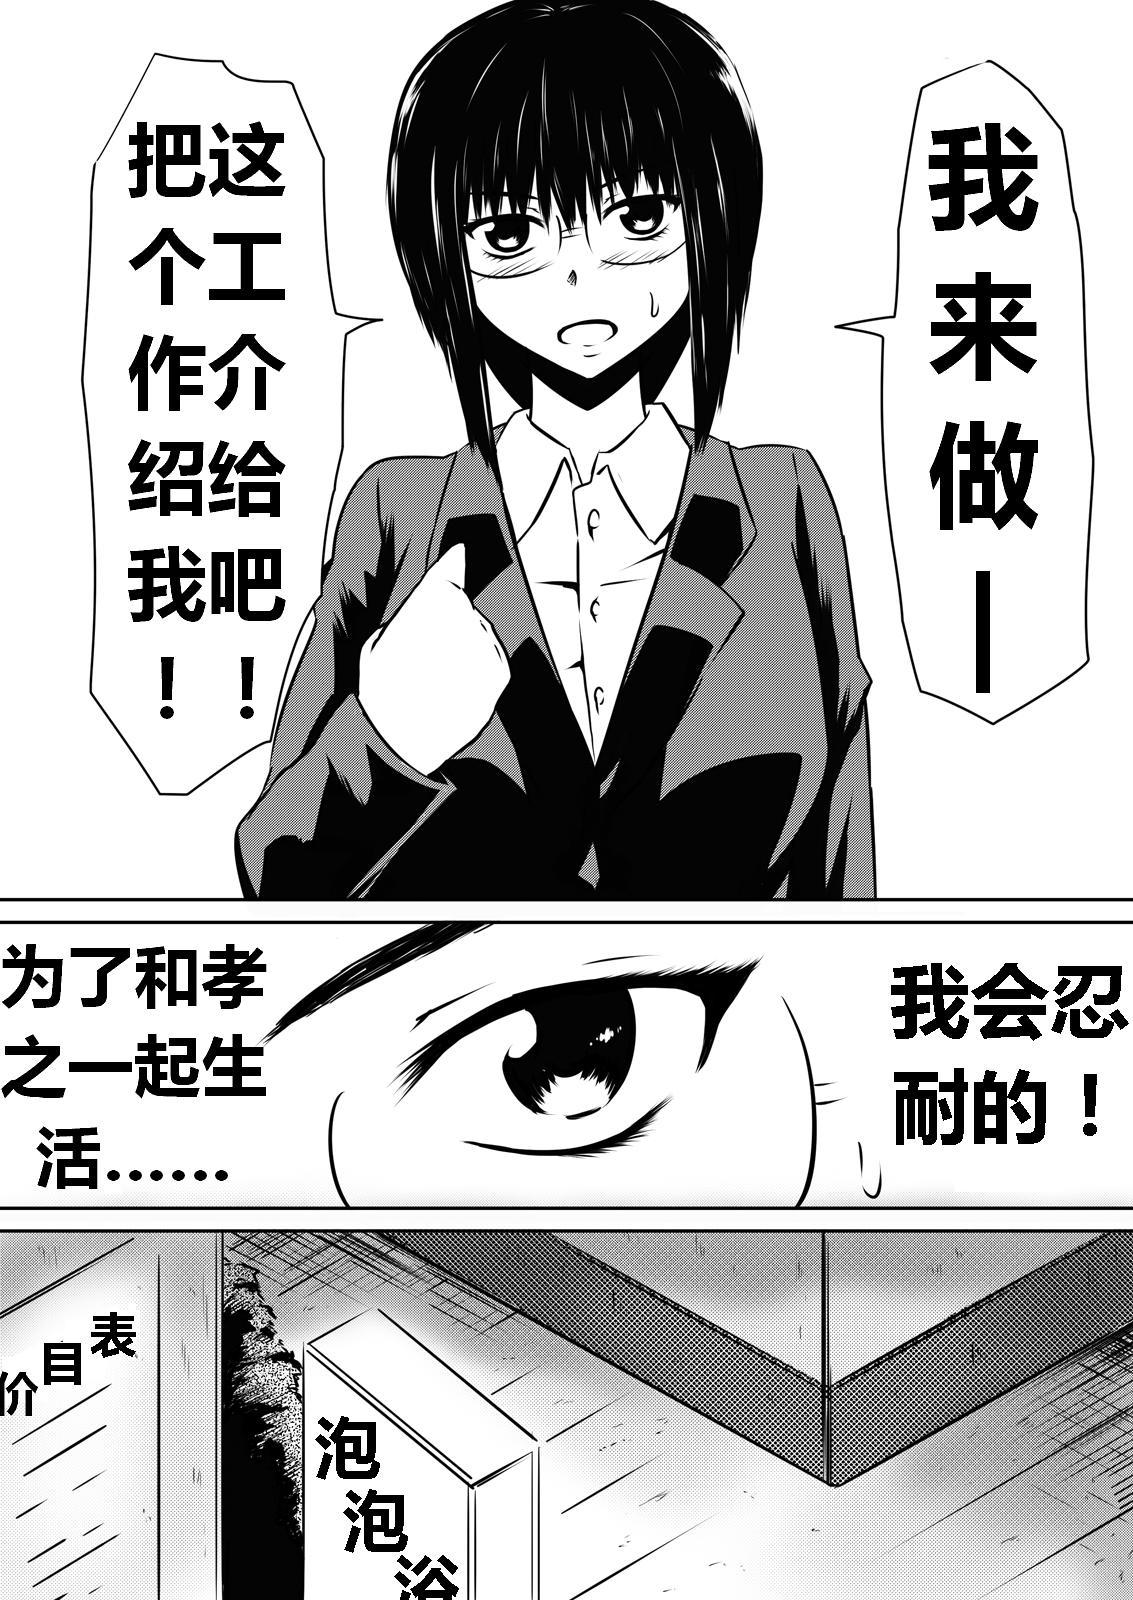 Ore no Kanojo ga Fuuzokujou ni Natta Riyuu | 女朋友下海拍片了 27